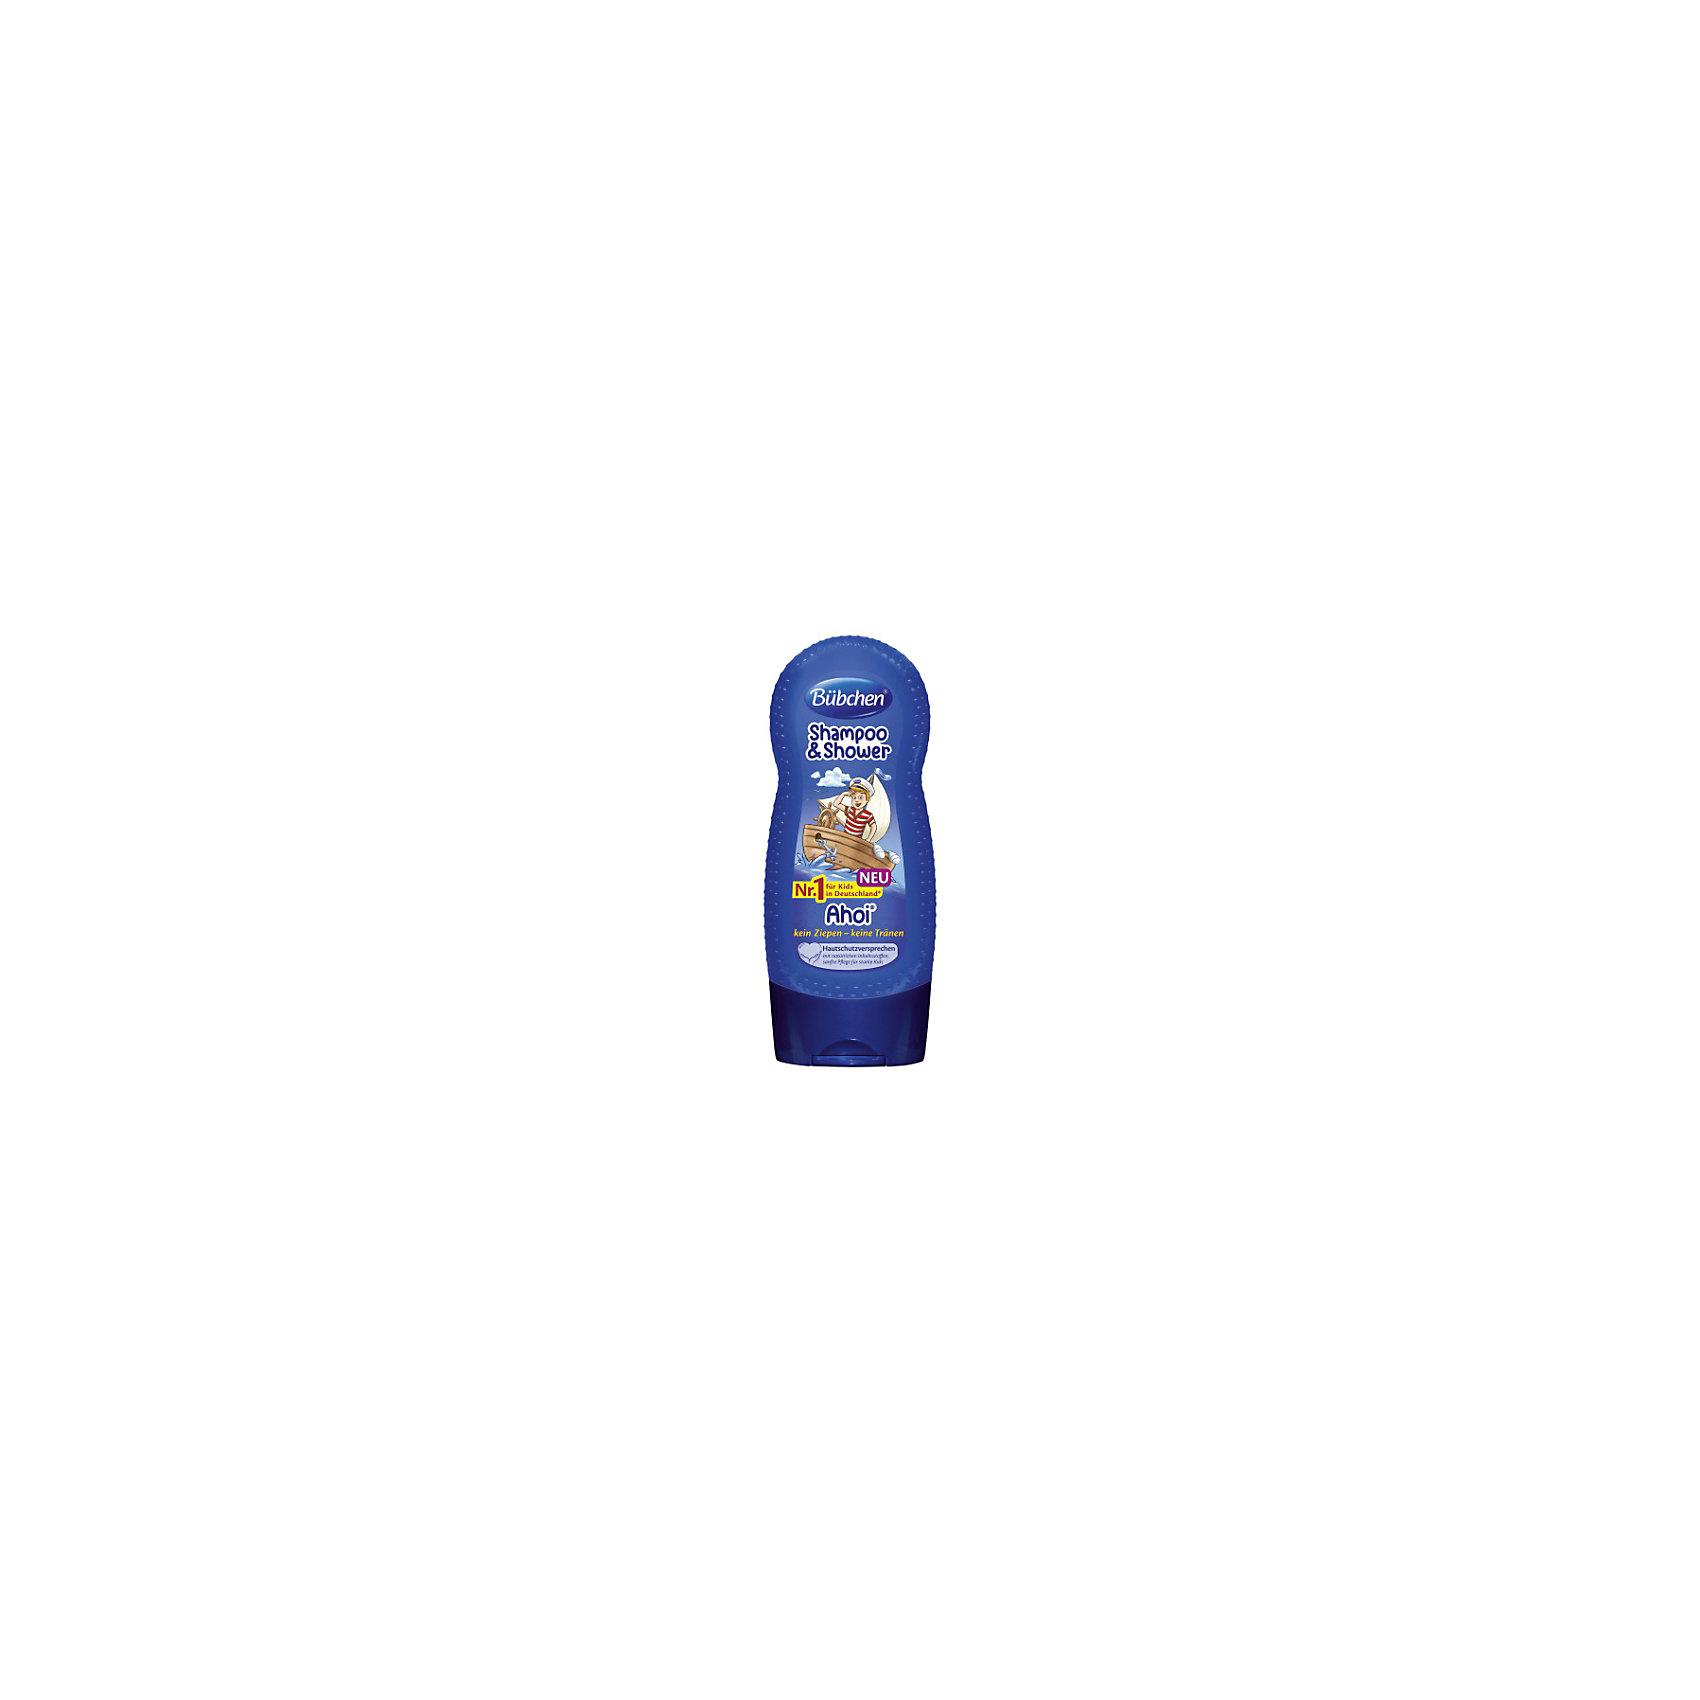 Шампунь мытья волос и тела Йо хо хо, BUBCHEN, 230 мл.Шампунь мытья волос и тела Йо хо хо, BUBCHEN, 230 мл.– это то, что вы искали для своего малыша. Этот шампунь обеспечивает нежное очищение, защиту и увлажнение сразу во время купания. Совмещает в себе шампунь для волос и гель для душа. Шампунь обладает приятным запахом и благодаря натуральным компонентам обеспечивает увлажнение и питание кожи и волос. После использования шампуня волосы становятся послушными и легко расчесываются. Способ применения: нанесите небольшое количество шампуня на губку или руку и затем на влажную кожу и влажные волосы. Легко помассируйте и затем смойте теплой водой пену. Также можно добавить несколько капель шампуня в ванну. <br><br>Дополнительная информация:<br>- PH-нейтральный для кожи<br>- Не раздражает глаза<br>- Подходит для ежедневного ухода<br>- Размер: 50 * 100 * 50 мм<br><br>Шампунь мытья волос и тела Йо хо хо, BUBCHEN, 230 мл. можно купить в нашем интернет-магазине.<br><br>Подробнее:<br>• Для детей в возрасте: от 3 до 10 лет<br>• Номер товара: 4940226<br>Страна производитель: Германия<br><br>Ширина мм: 50<br>Глубина мм: 100<br>Высота мм: 50<br>Вес г: 299<br>Возраст от месяцев: 36<br>Возраст до месяцев: 2147483647<br>Пол: Унисекс<br>Возраст: Детский<br>SKU: 4940226